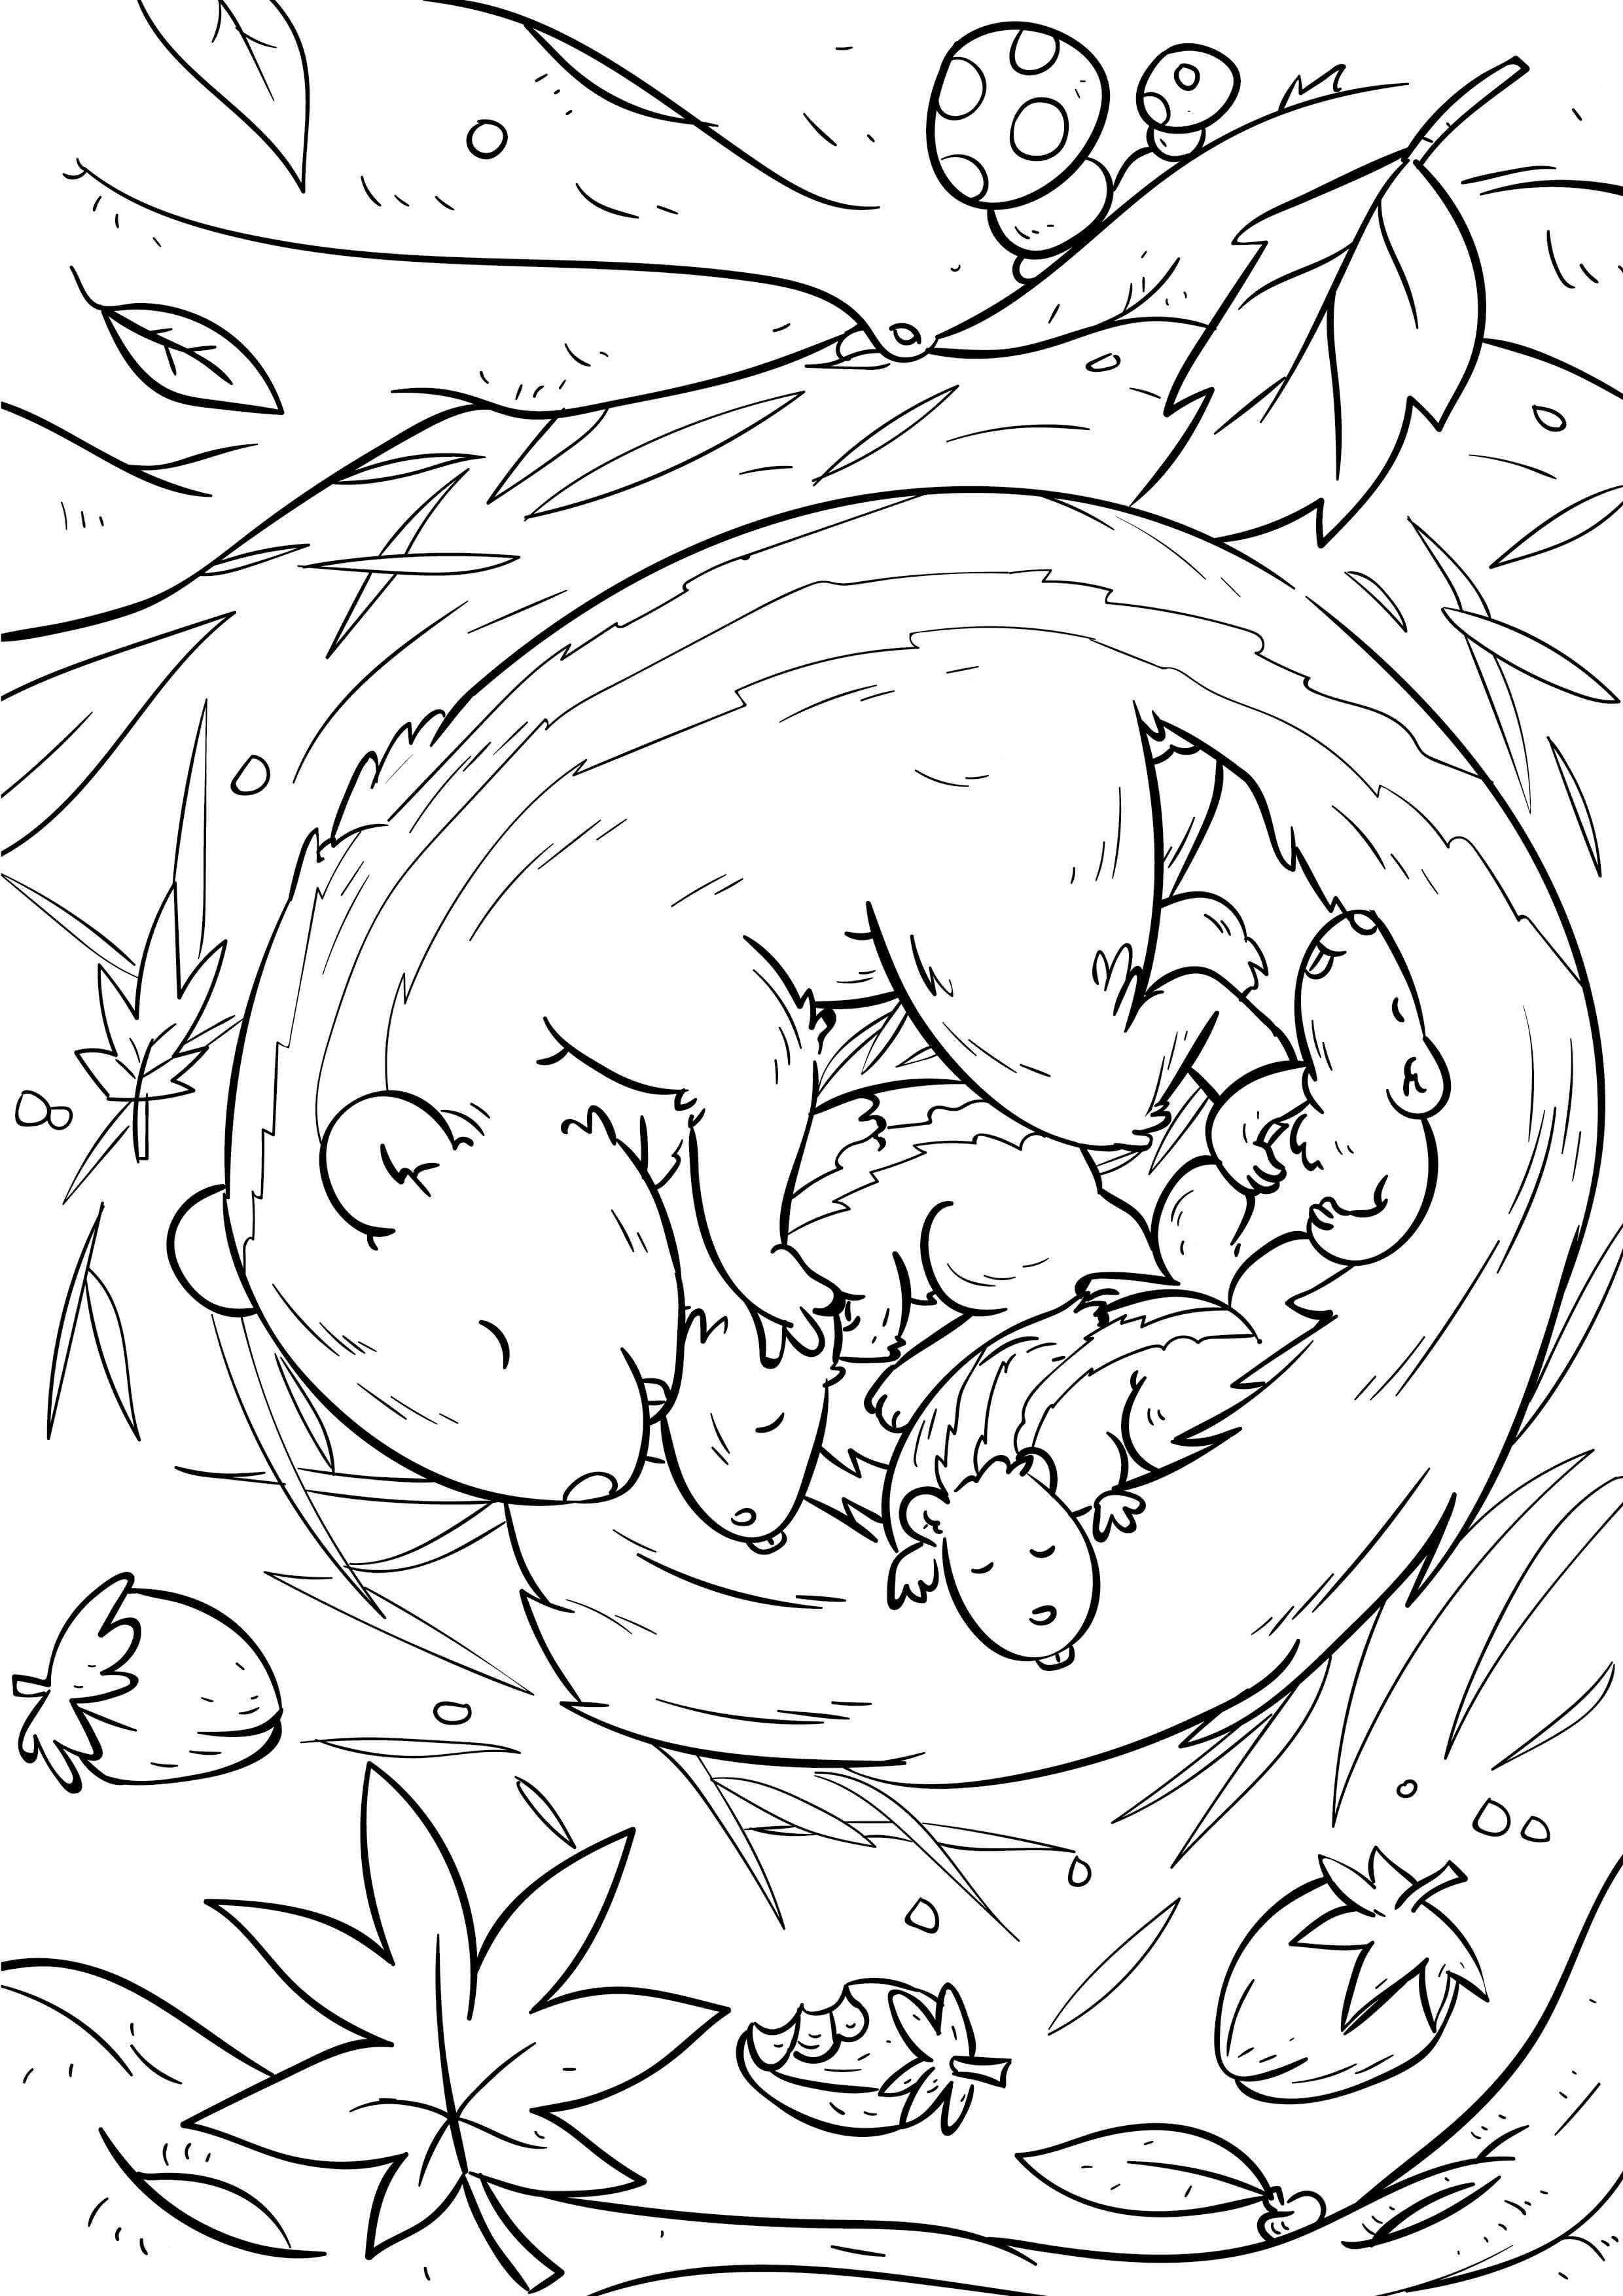 eichhörnchen mandalas ausdrucken #malvorlagen #